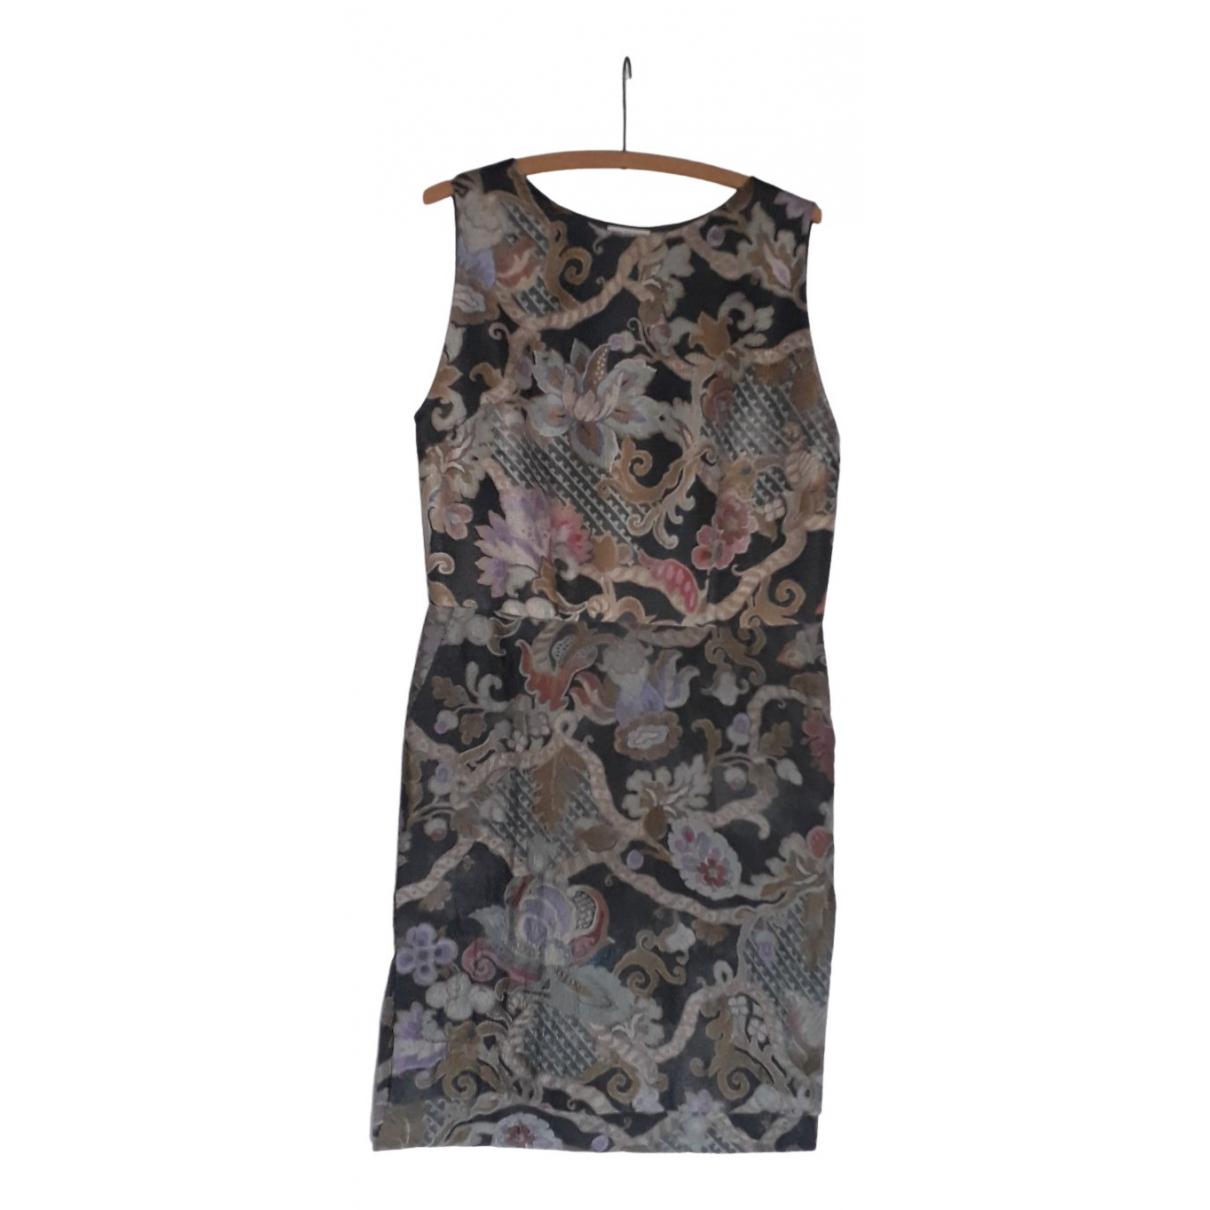 Dries Van Noten \N Kleid in  Grau Wolle